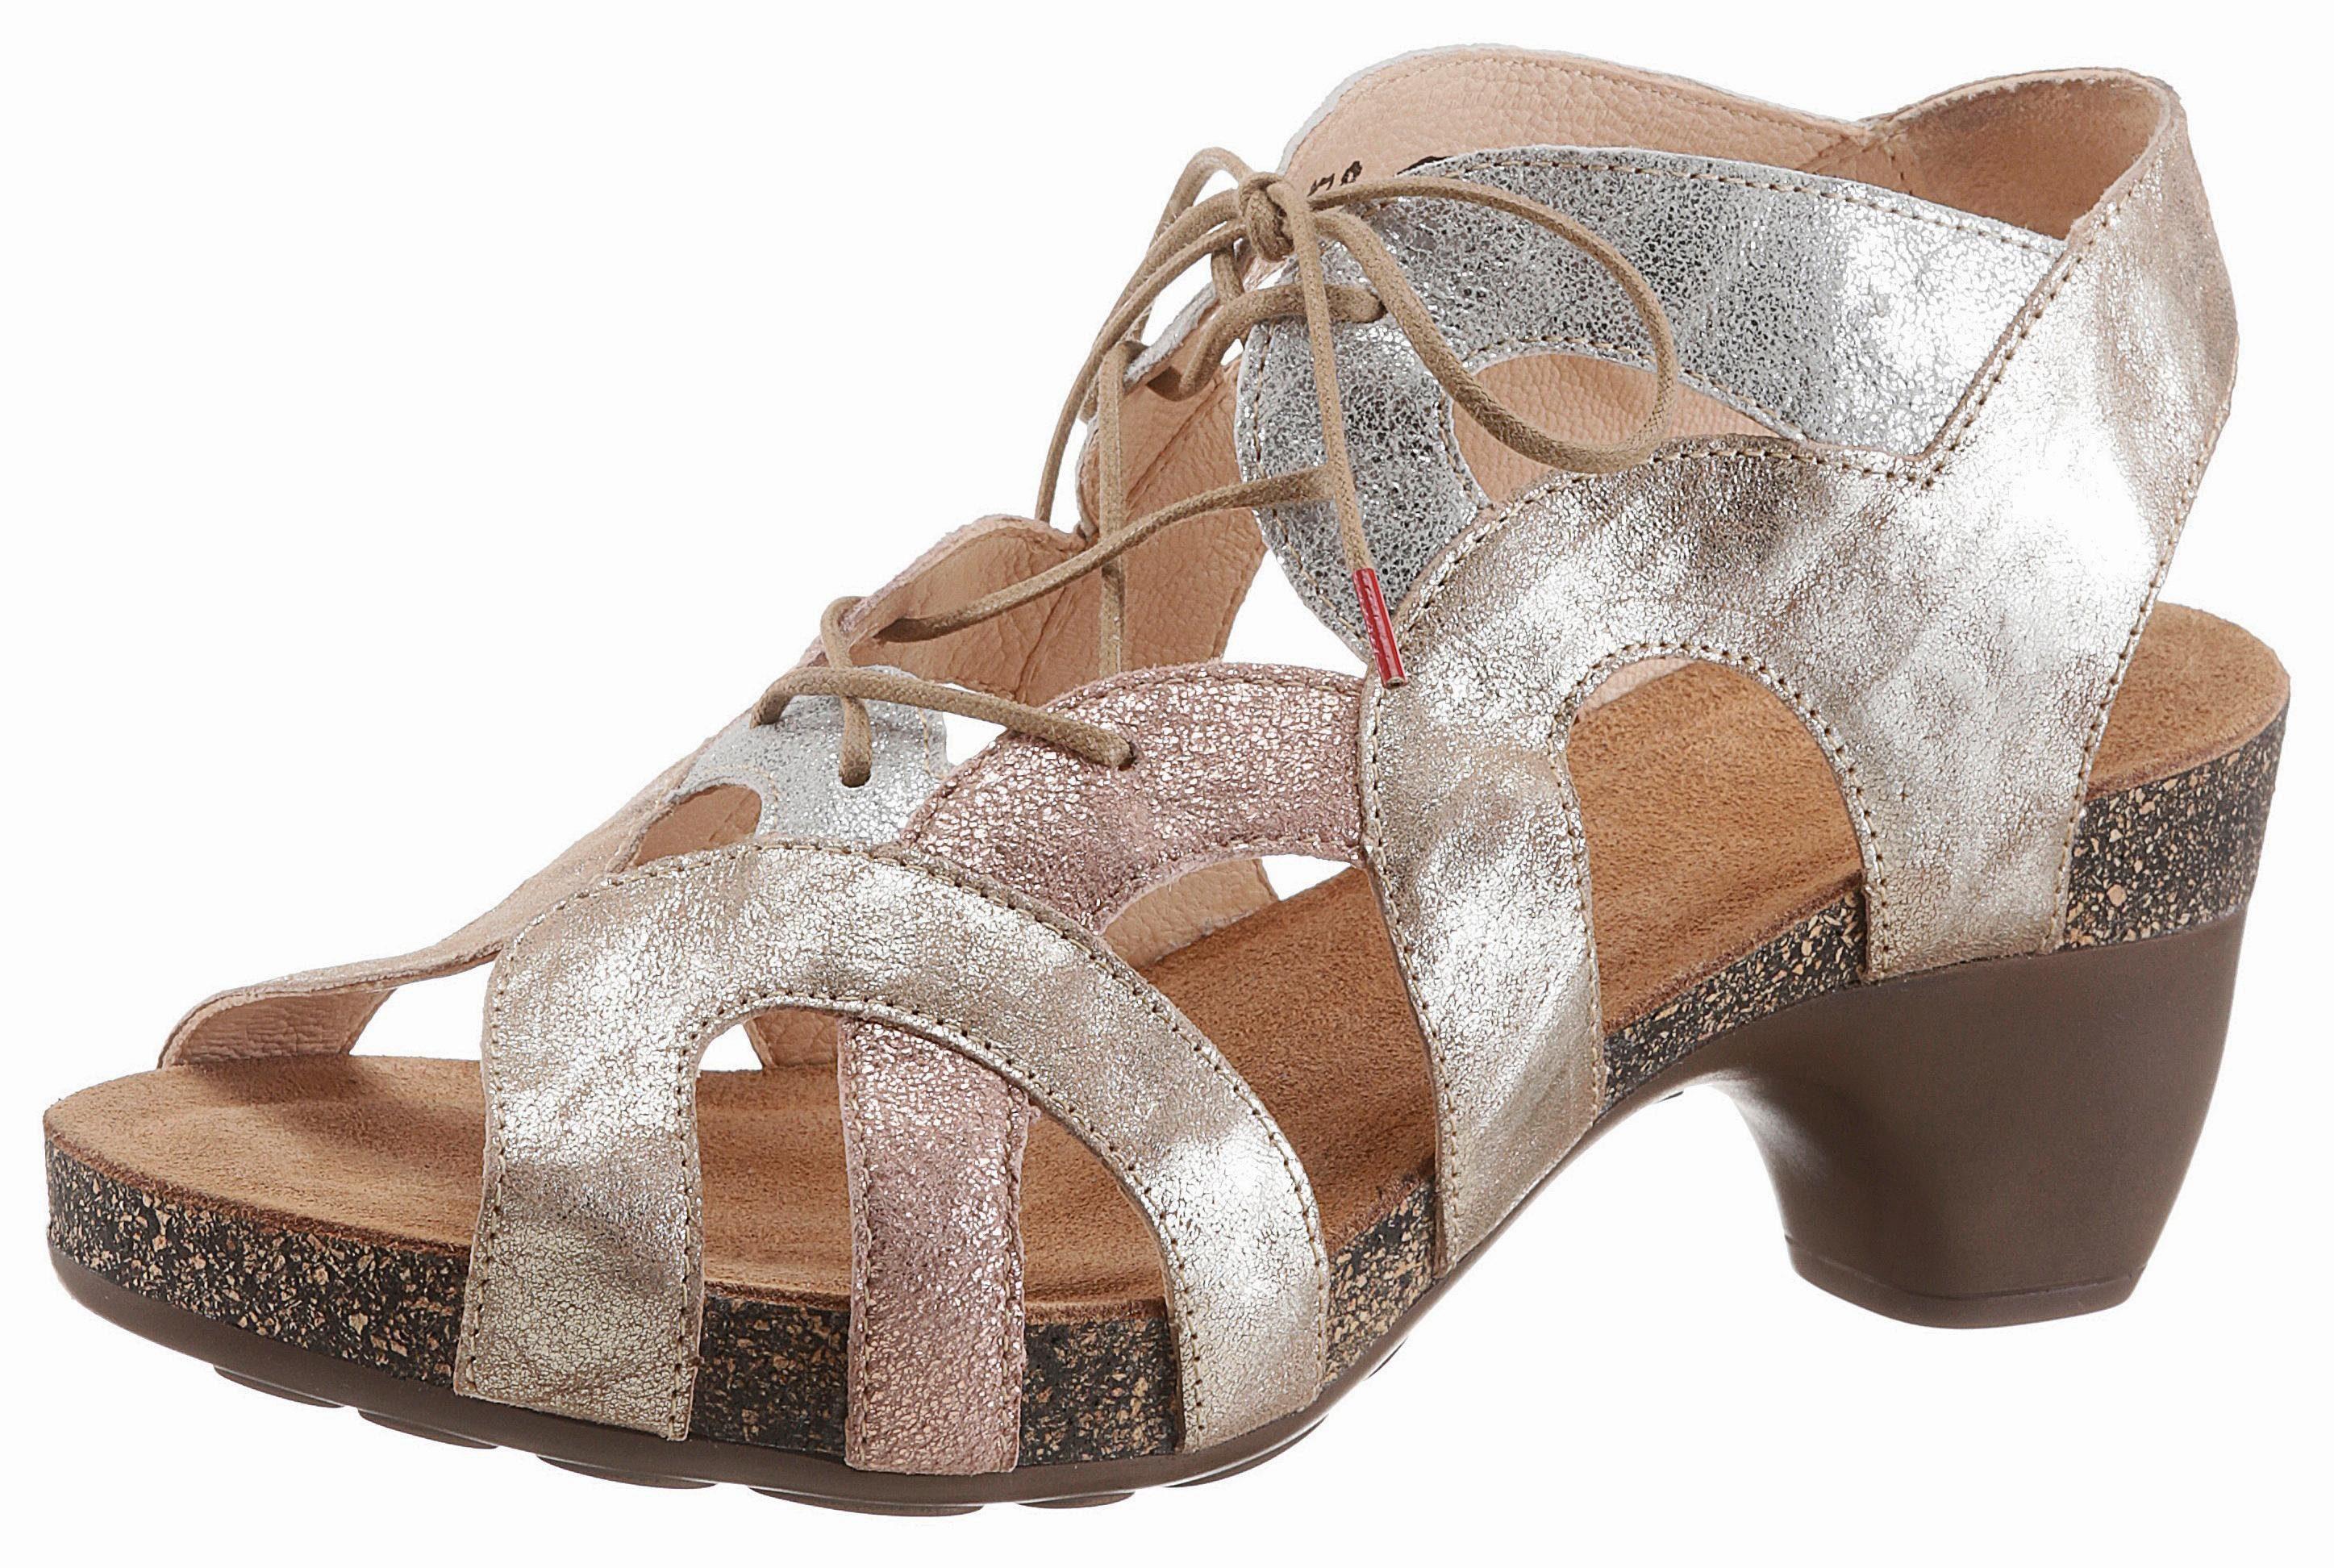 Think! Sandalette, Mit praktischer Schnürung  silberfarben